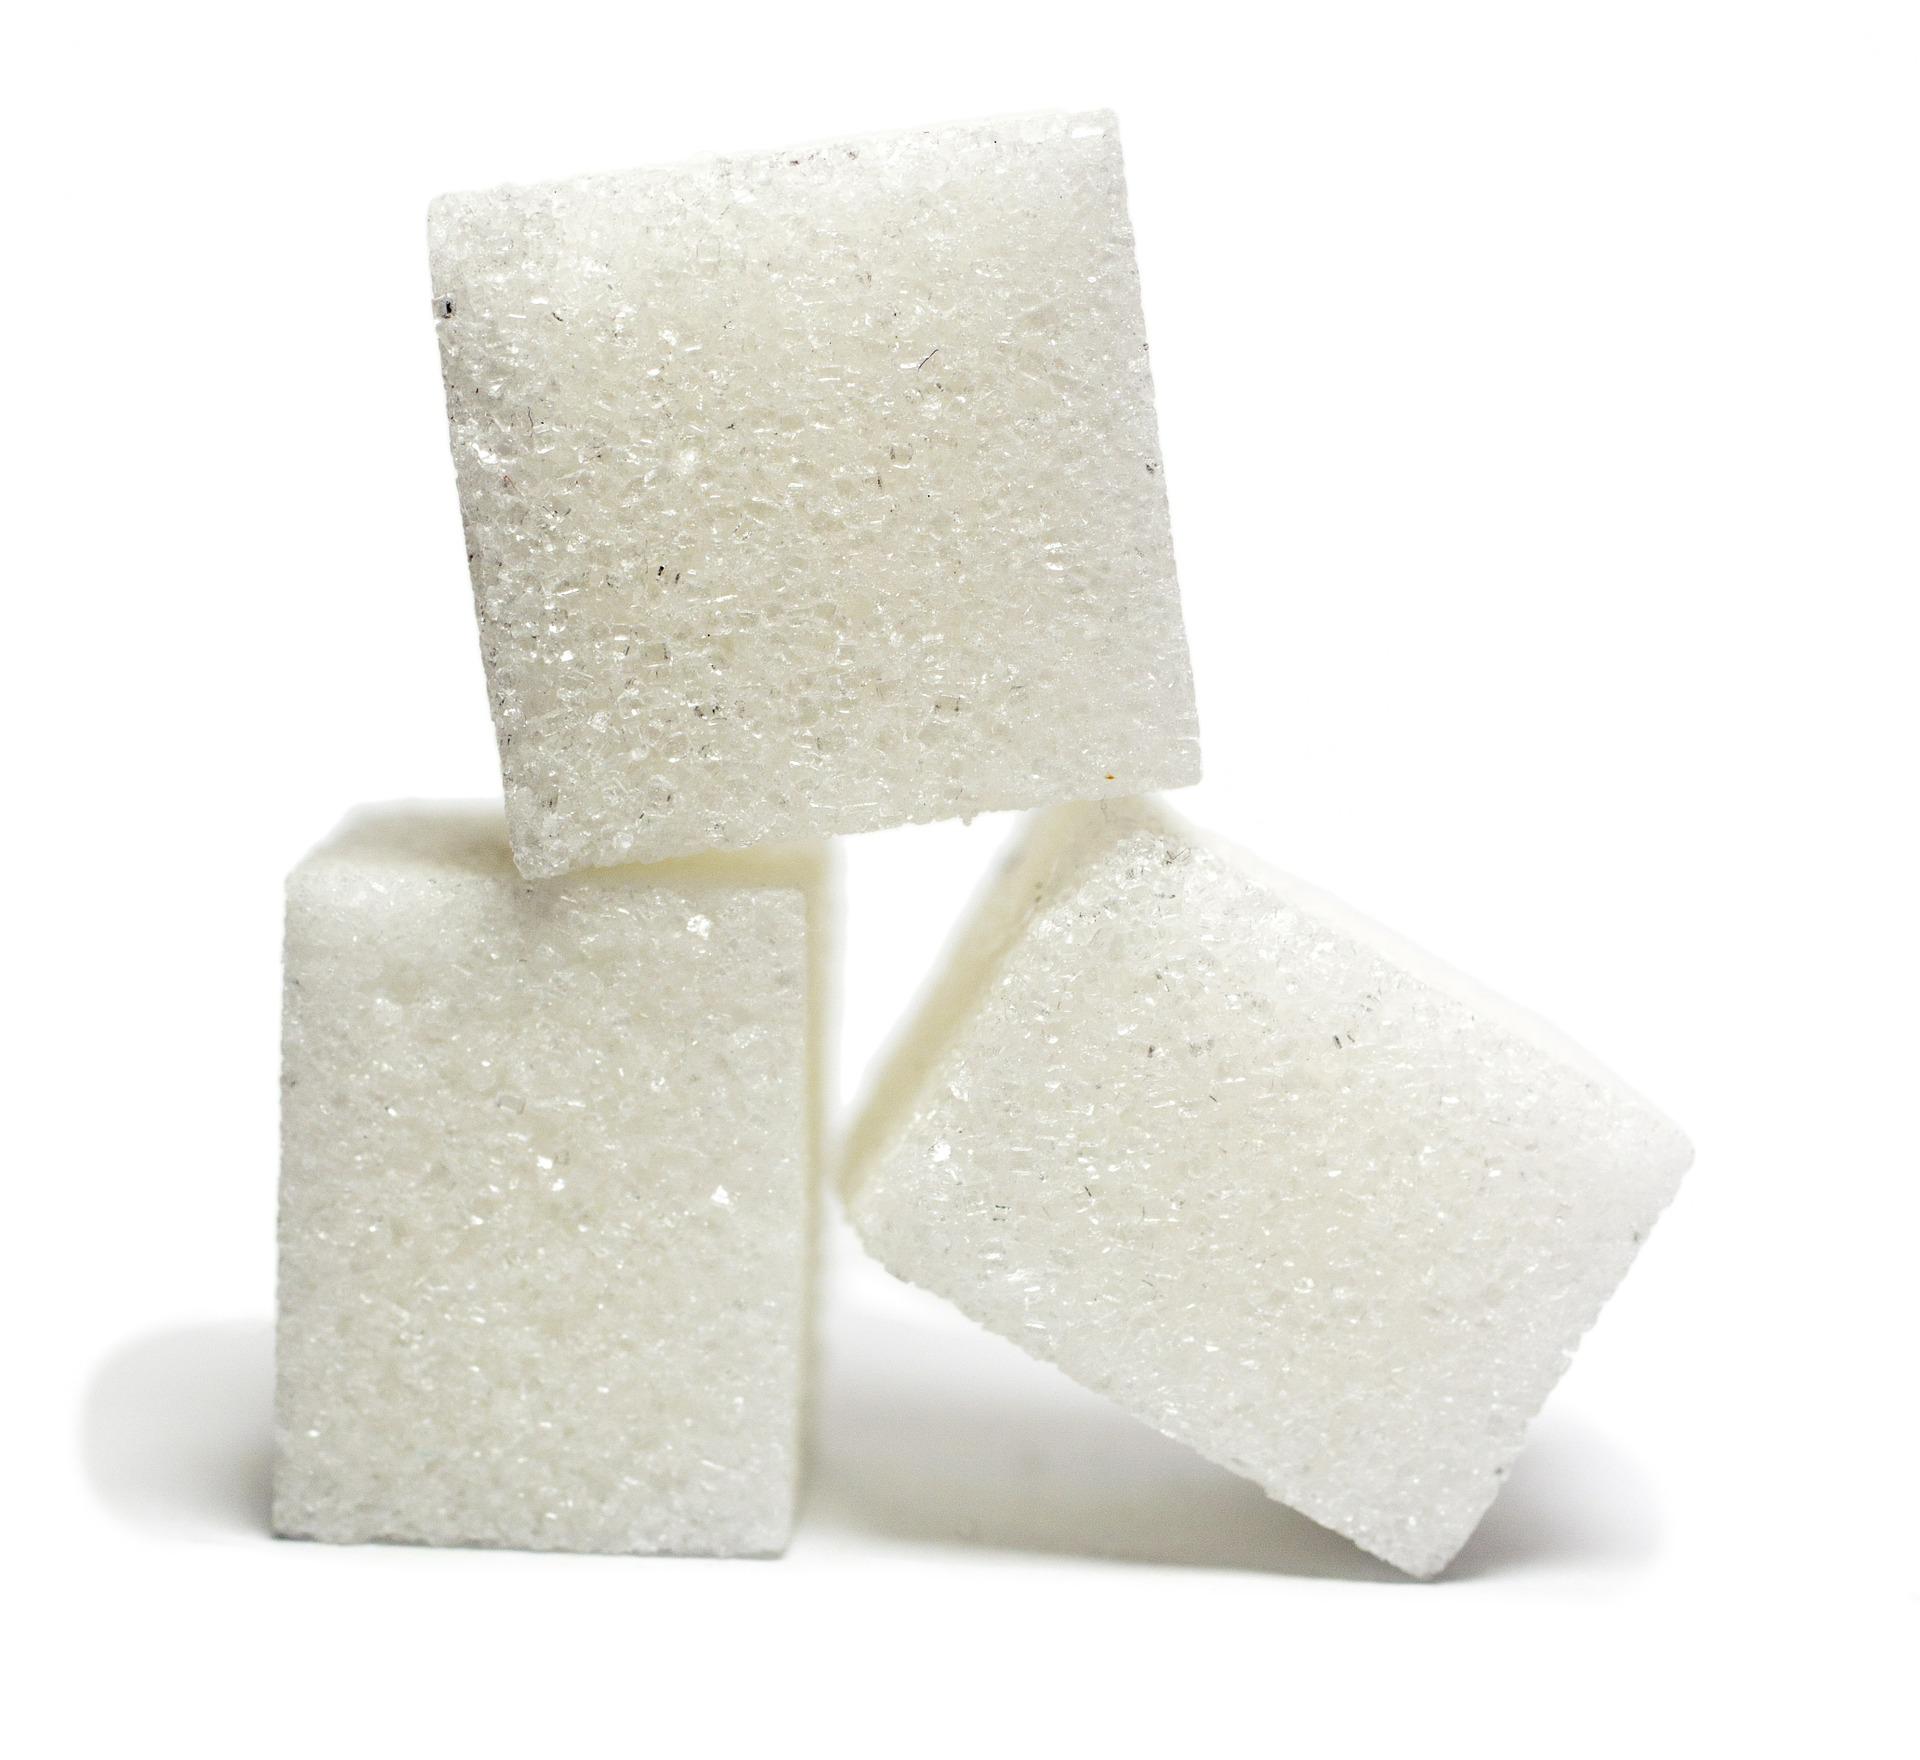 Krajowa Spółka Cukrowa podsumowuje kampanię cukrowniczą 2019/2020